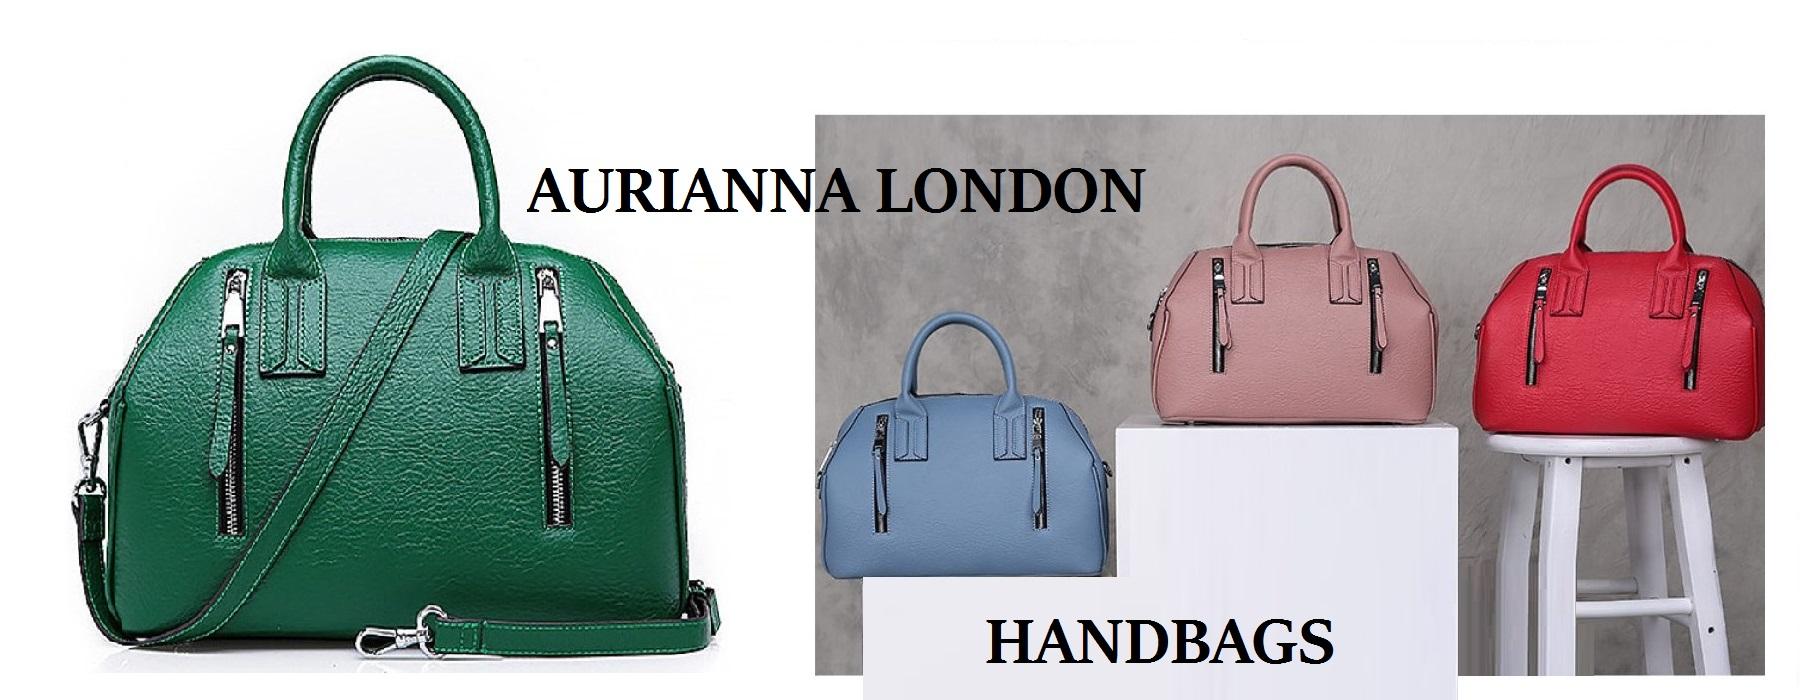 Aurianna London Long bag